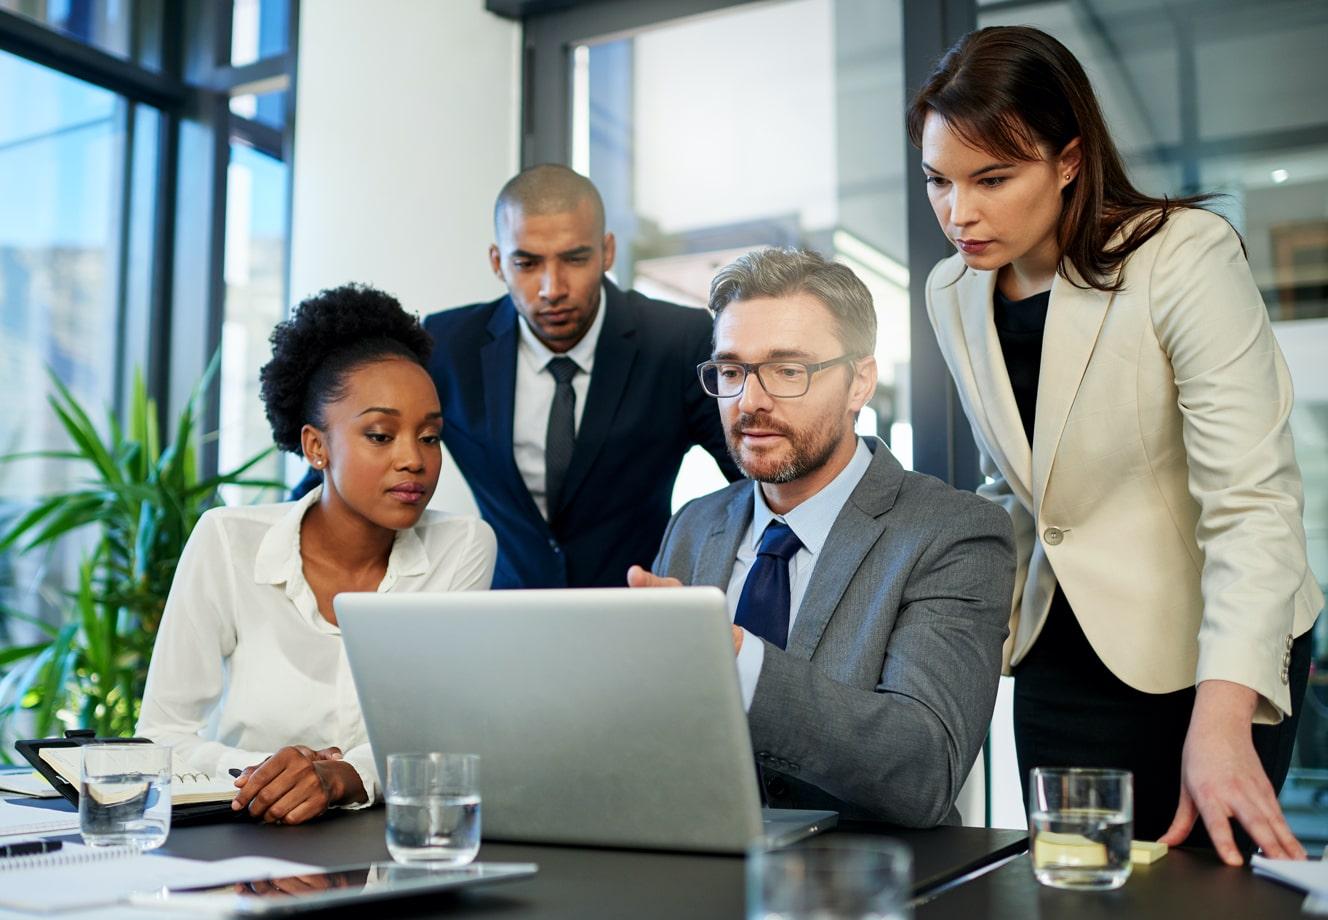 Eine benutzerfreundliche und umfassende Cybersicherheitslösung für Wiederverkäufer